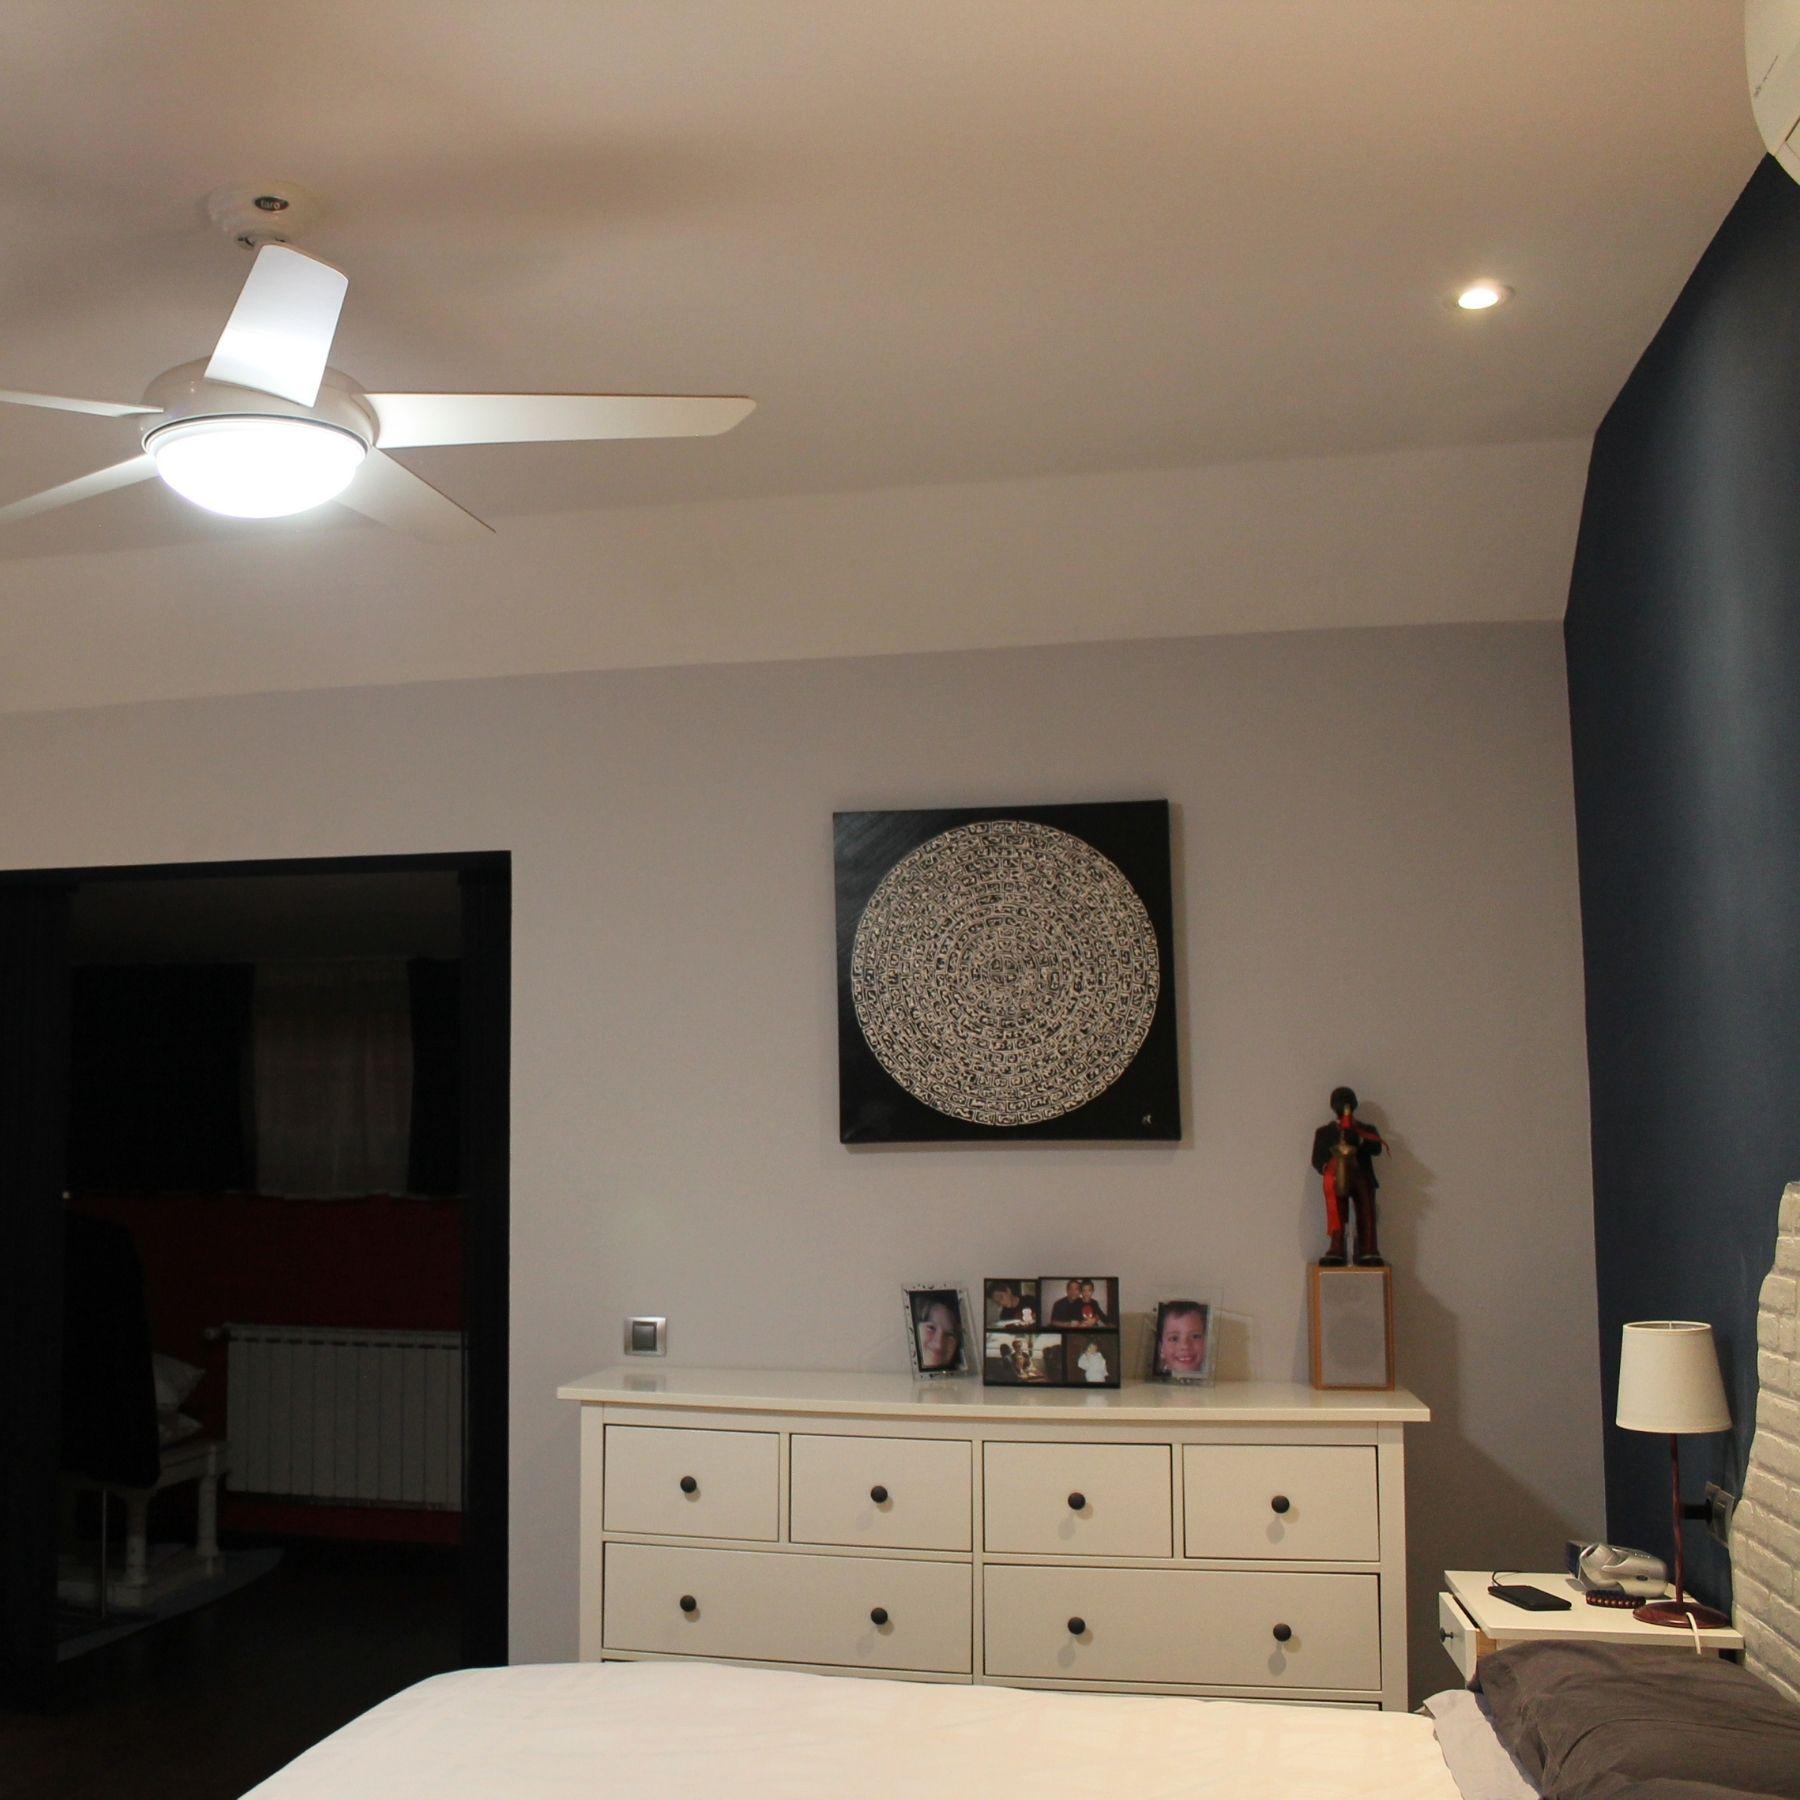 ventilador con luz dormitorio